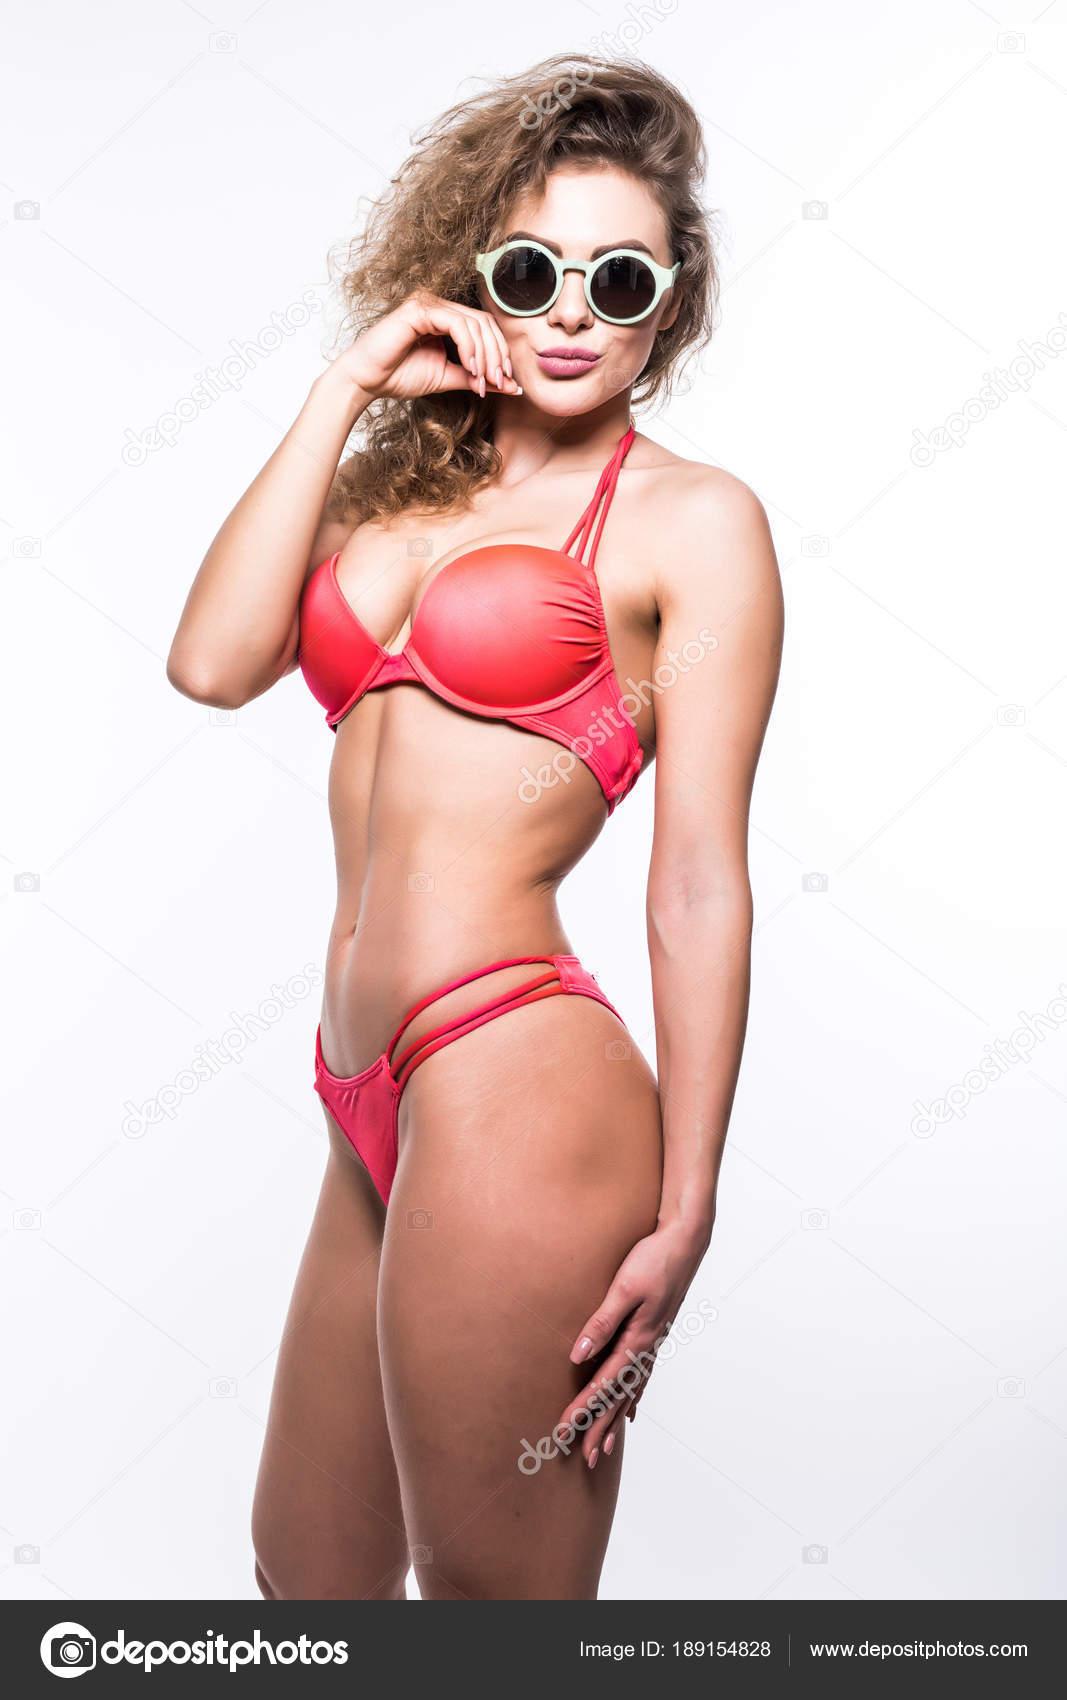 Идеальная сексуальная фигура